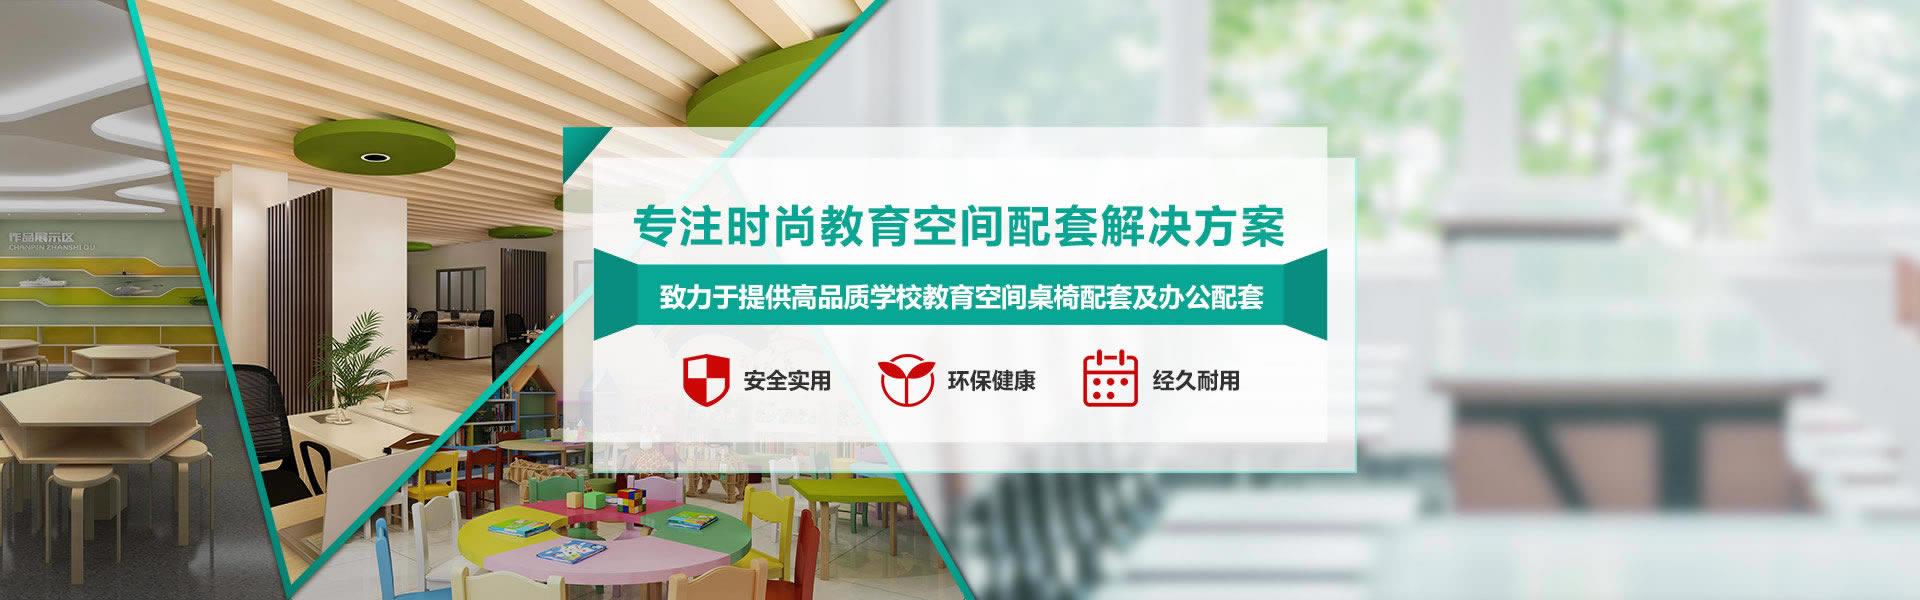 学校教育空间配套解决方案